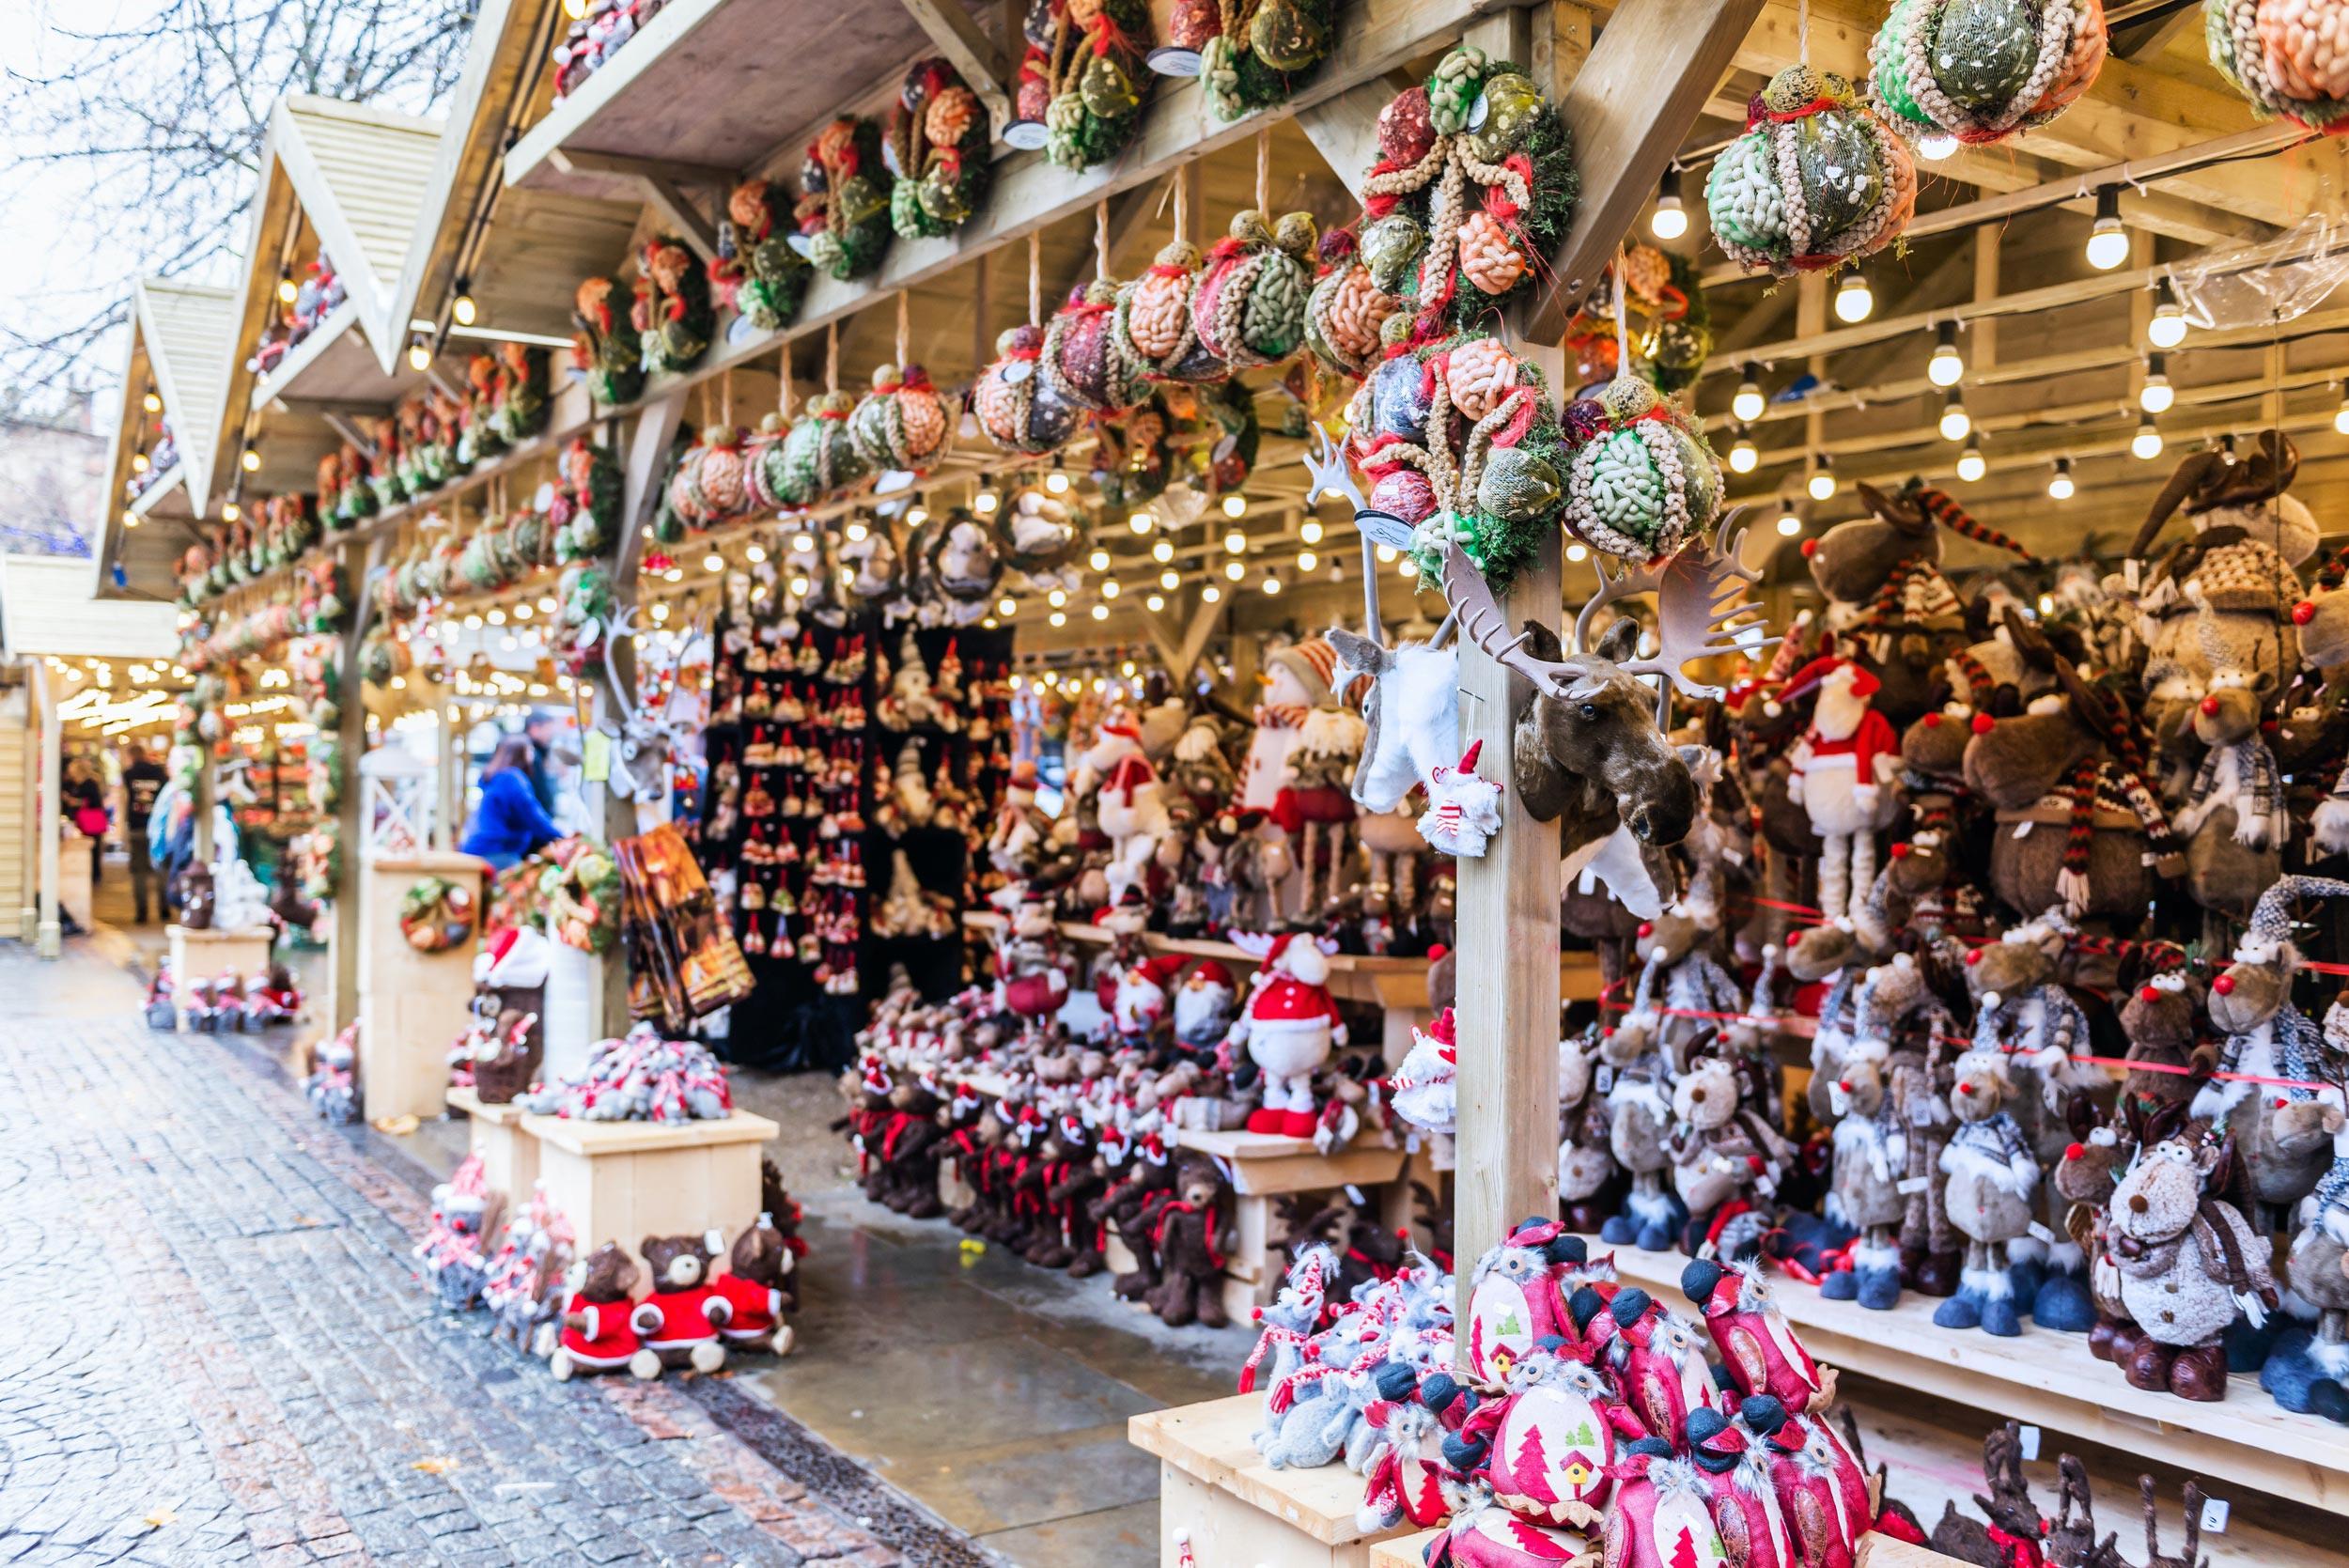 Την Κυριακή πάμε σε ένα Χριστουγεννιάτικο παζαράκι στις Φοινικούδες για καλό σκοπό